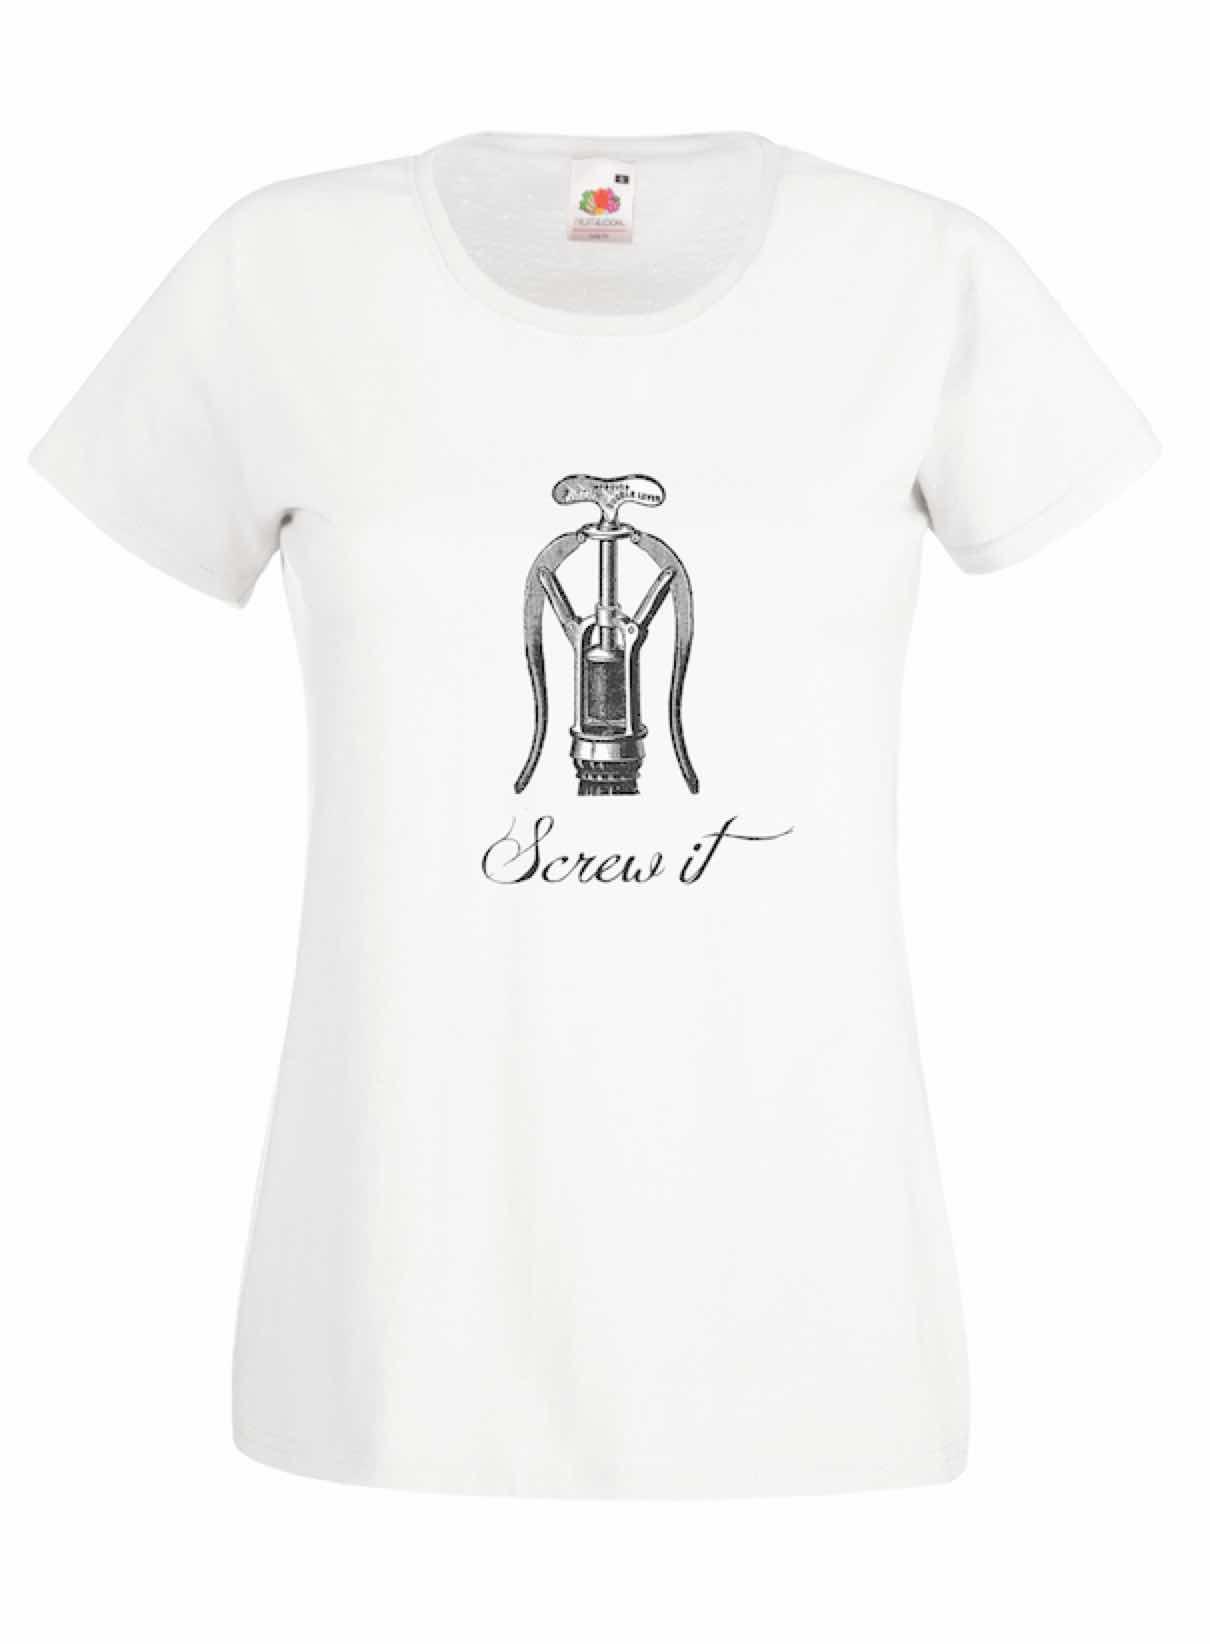 Screw It design for t-shirt, hoodie & sweatshirt